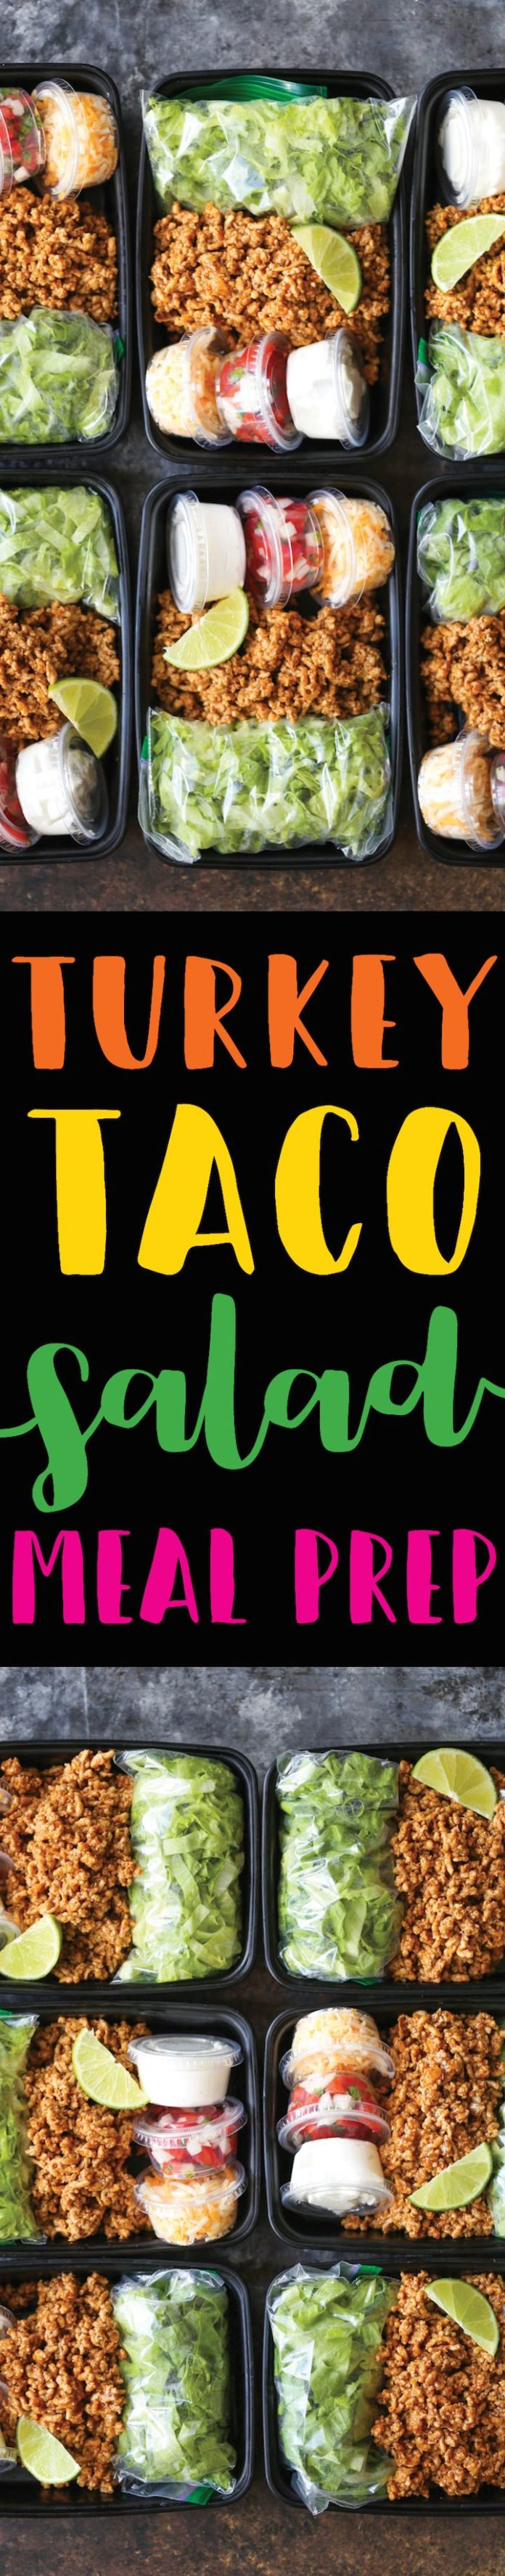 healthy motivation pr paration de repas la salade de tacos la dinde un repas bien plus. Black Bedroom Furniture Sets. Home Design Ideas